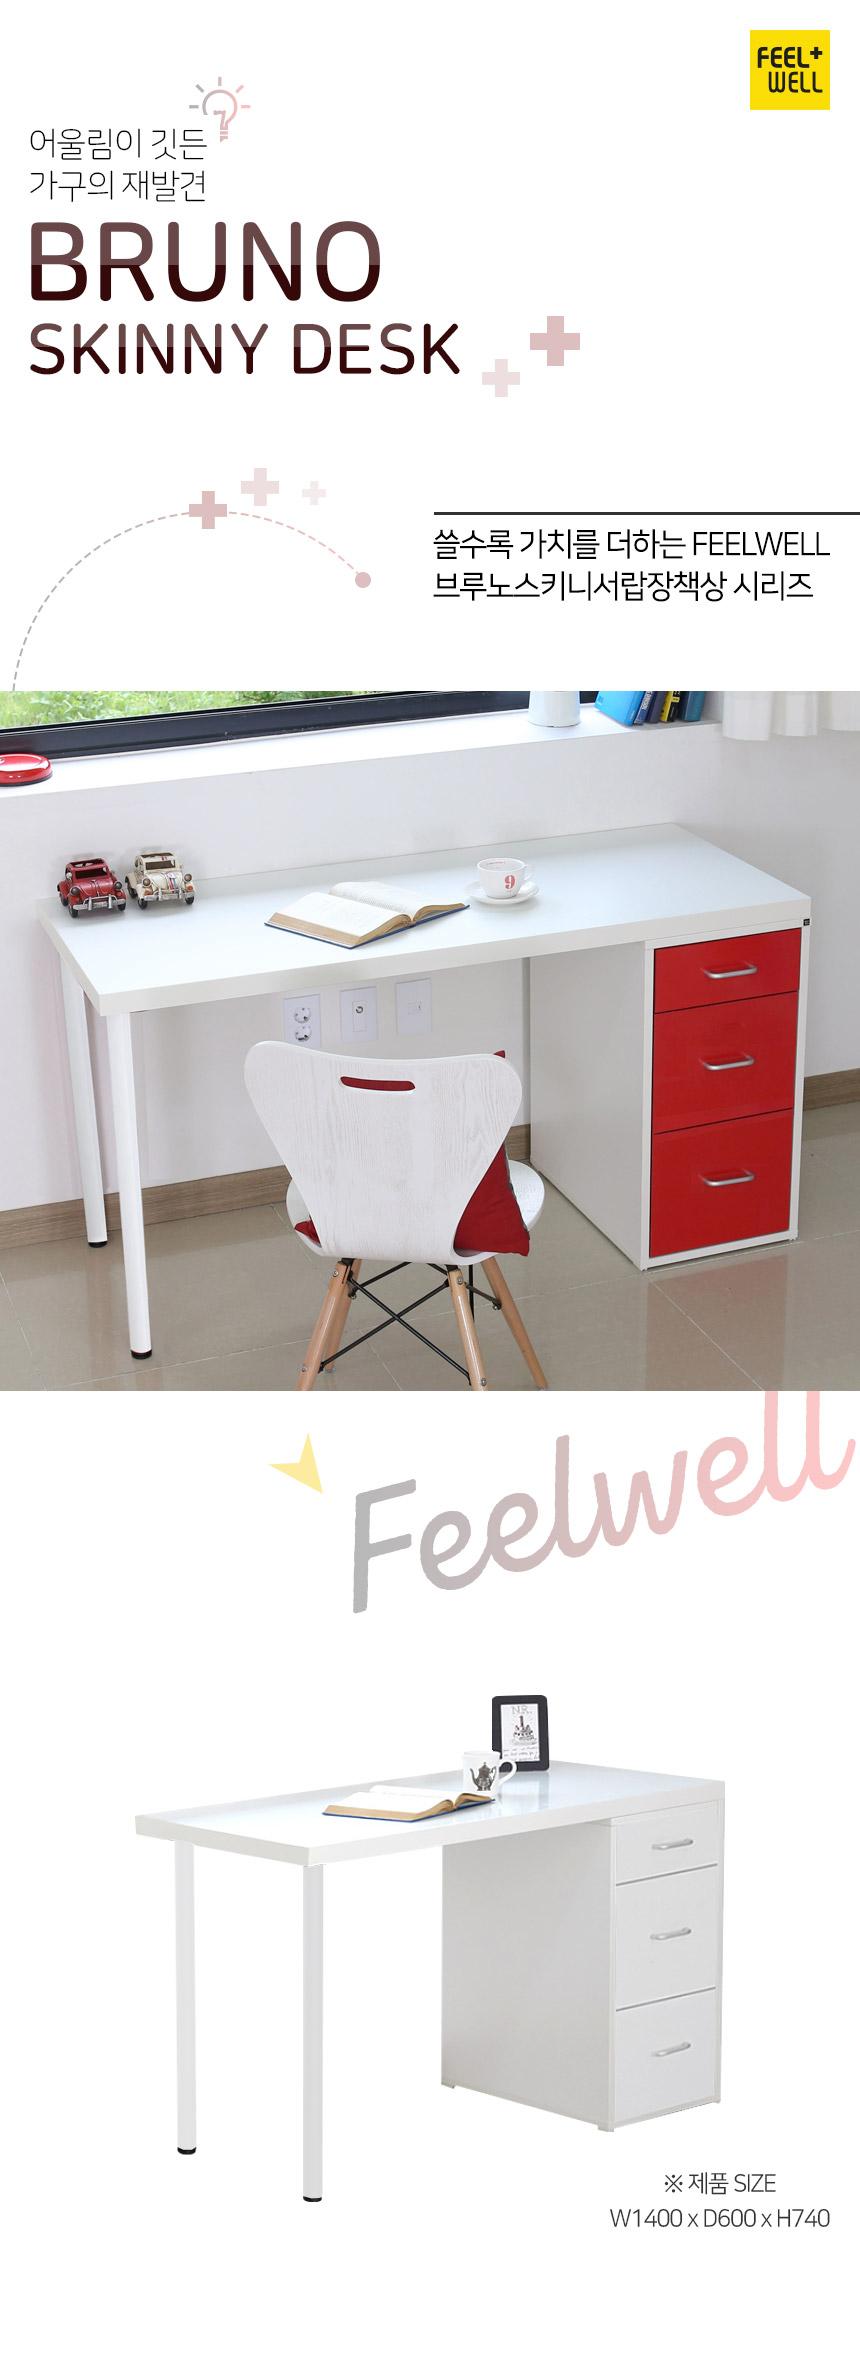 필웰 브루노 스키니 서랍장 책상 1400x600  DK9610 - 필웰, 149,000원, 책상/의자, 일반 책상